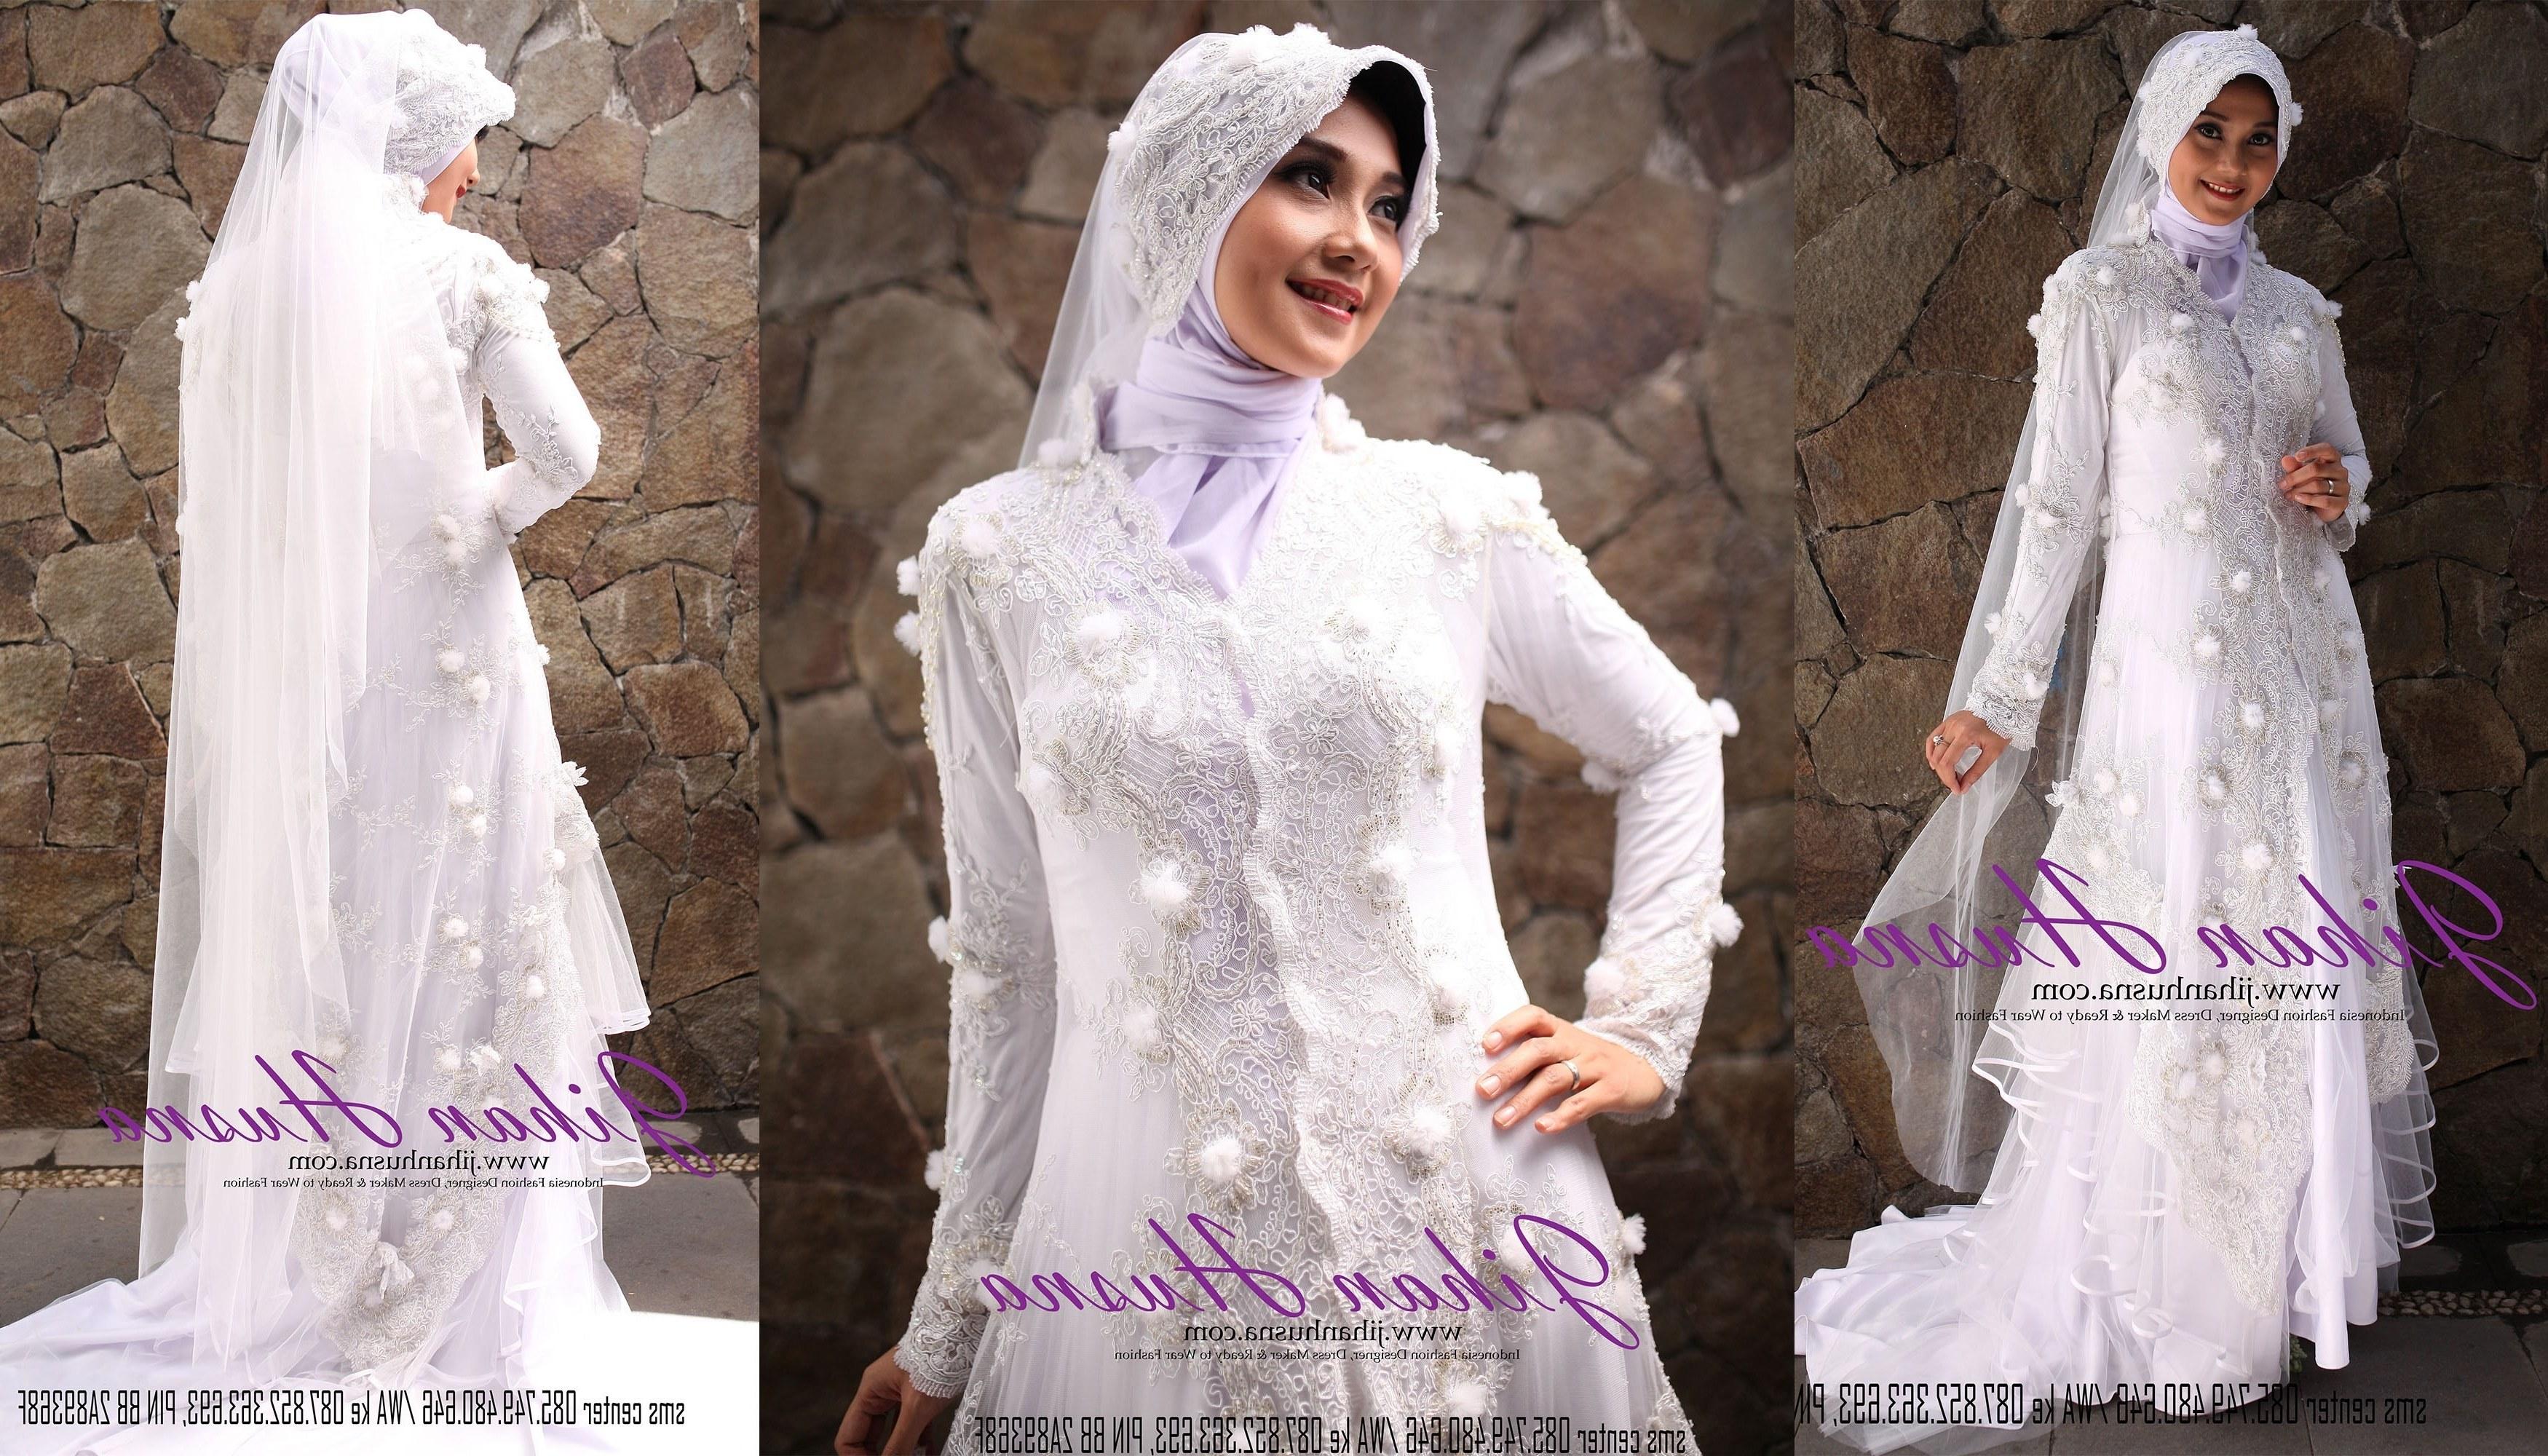 Bentuk Baju Gamis Pernikahan S5d8 Gamis Pernikahan Cantik Jual Mainboard W210cumb 0d Bekas Mb